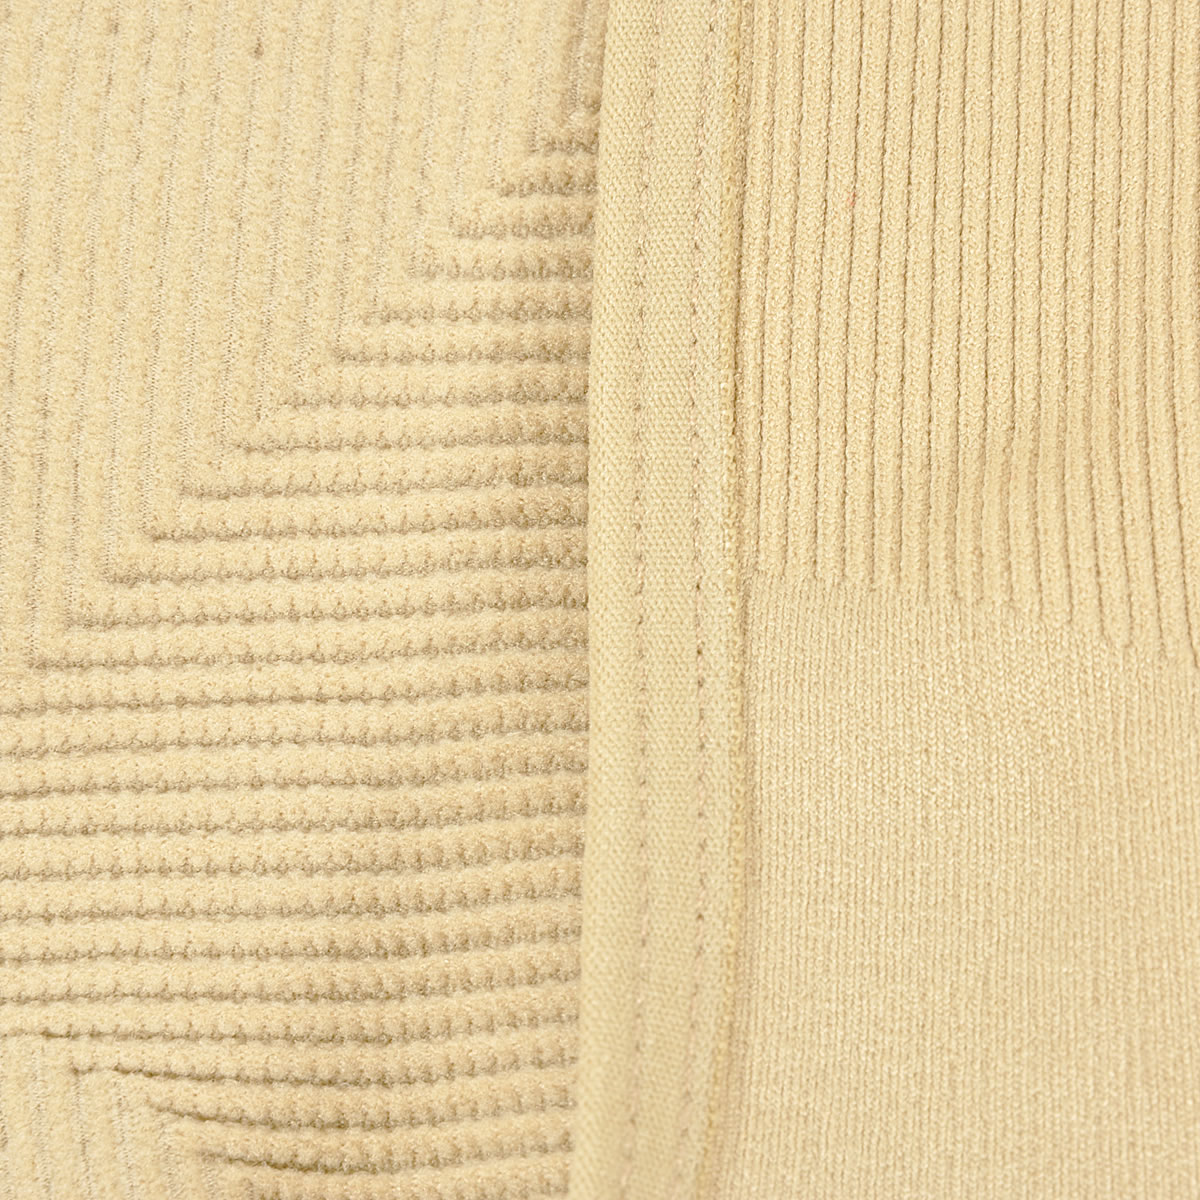 Корректирующая одежда LA ISLA c058 Без рукавов До талии